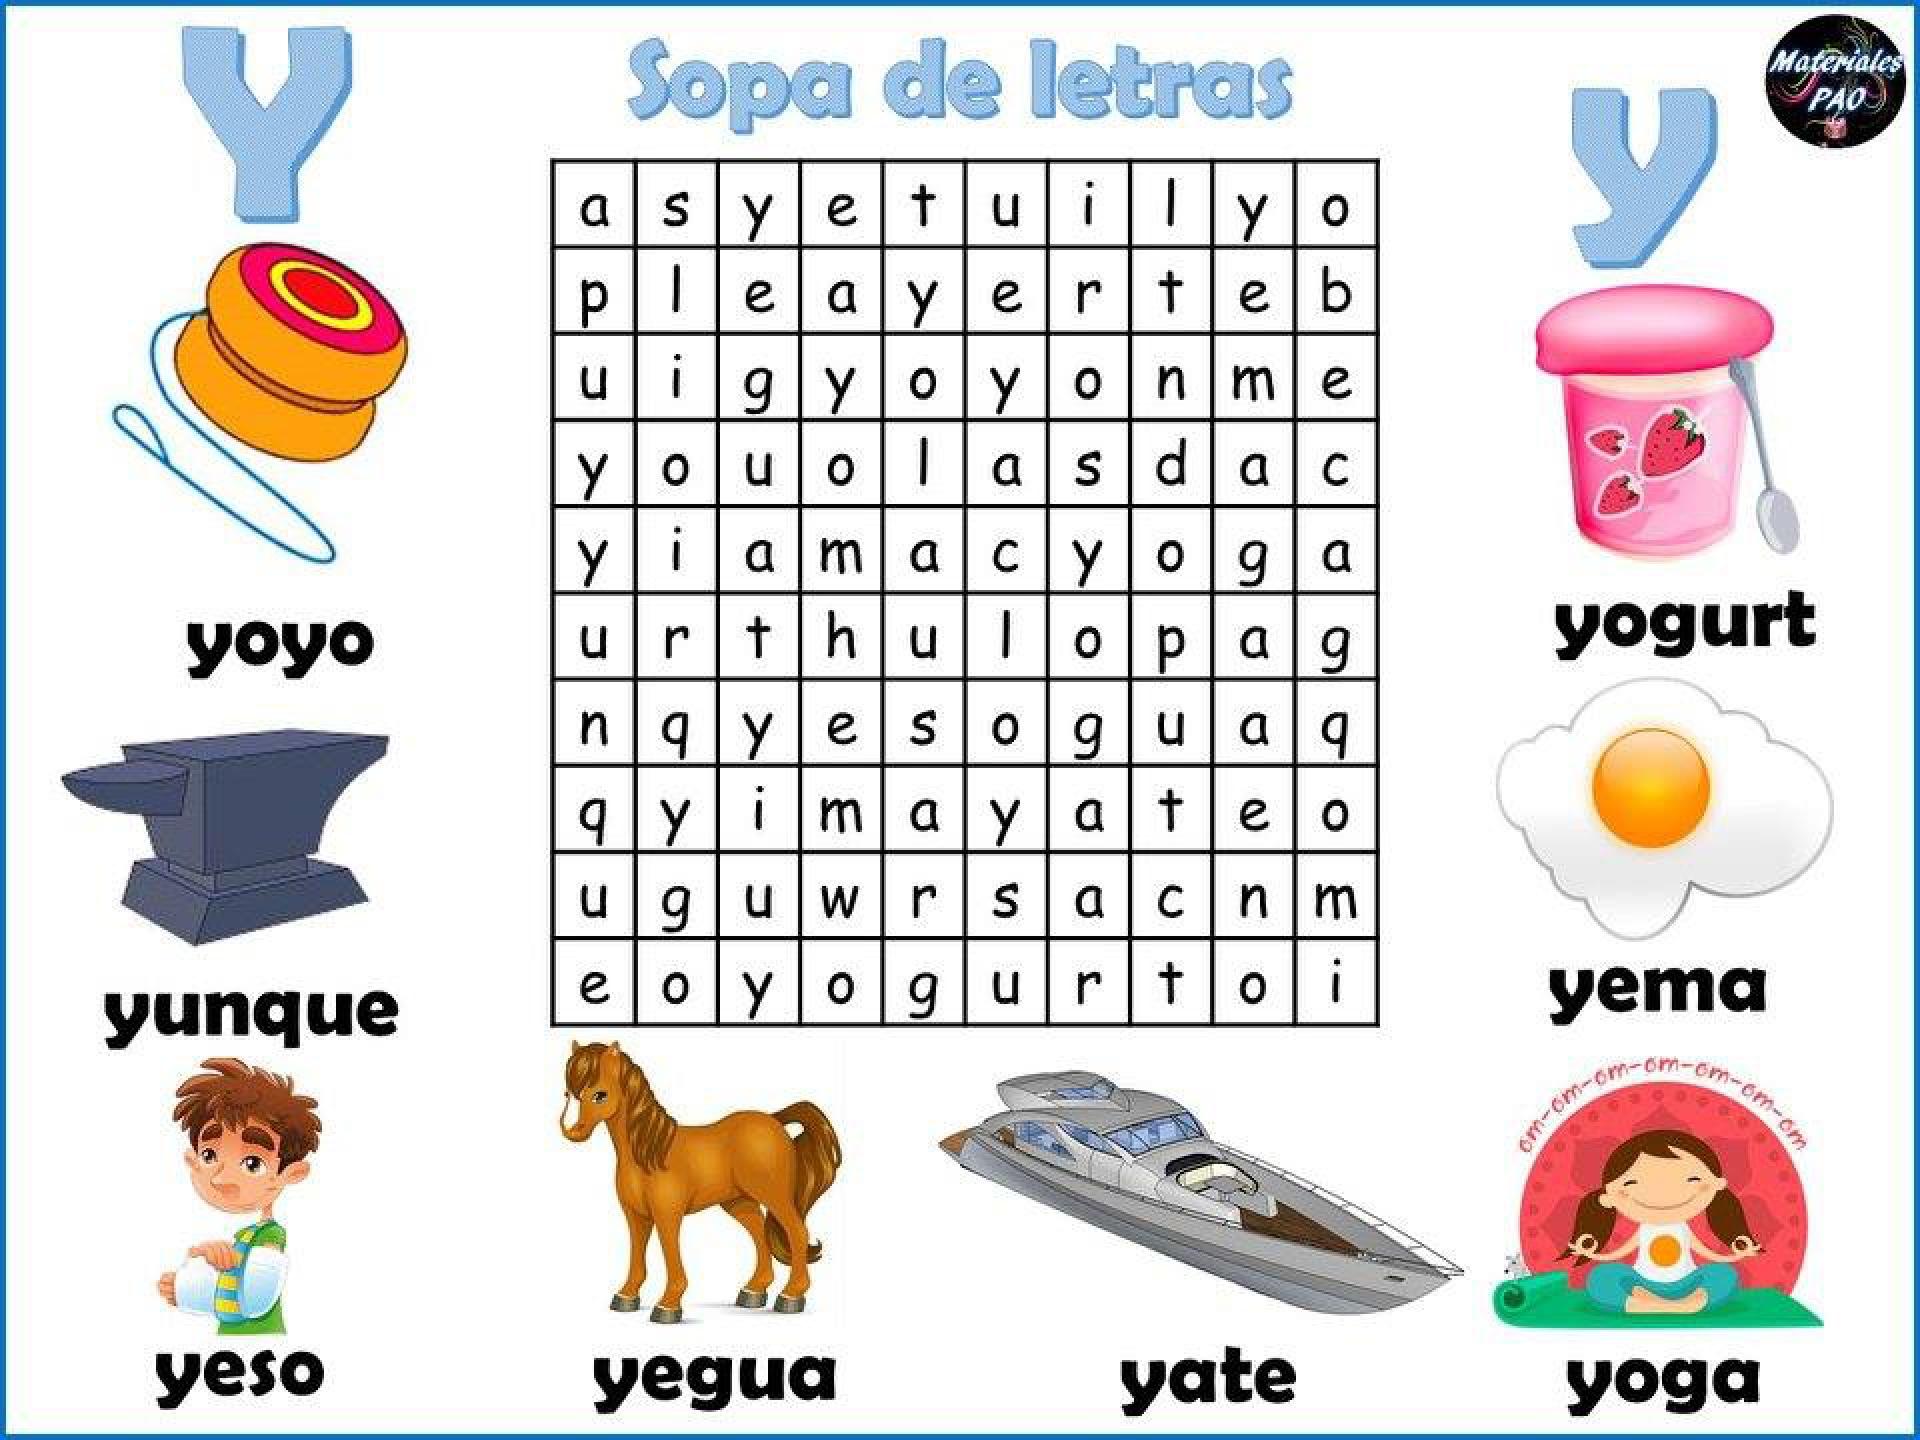 Sopa-de-letras-del-abecedario-026